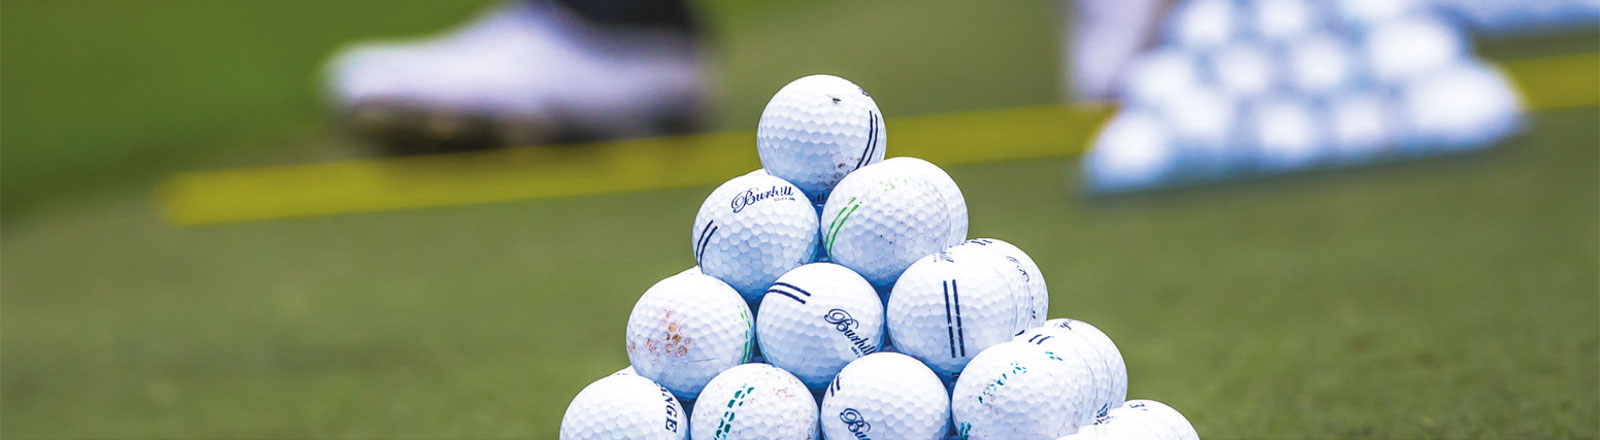 Burhill golf balls